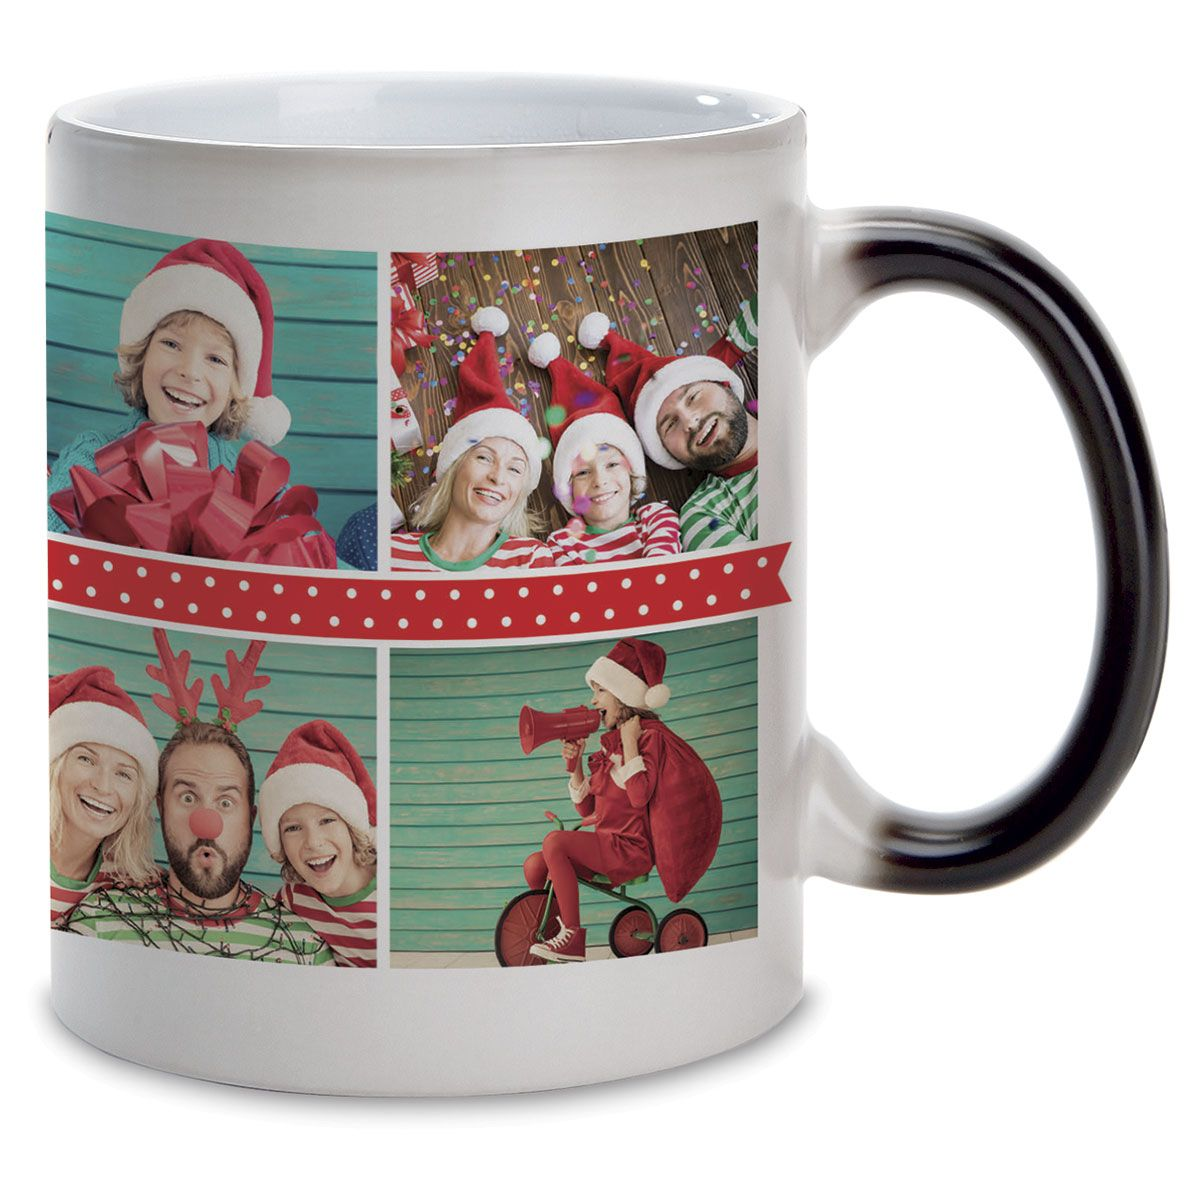 Polka Dot Custom Ceramic Photo Mug